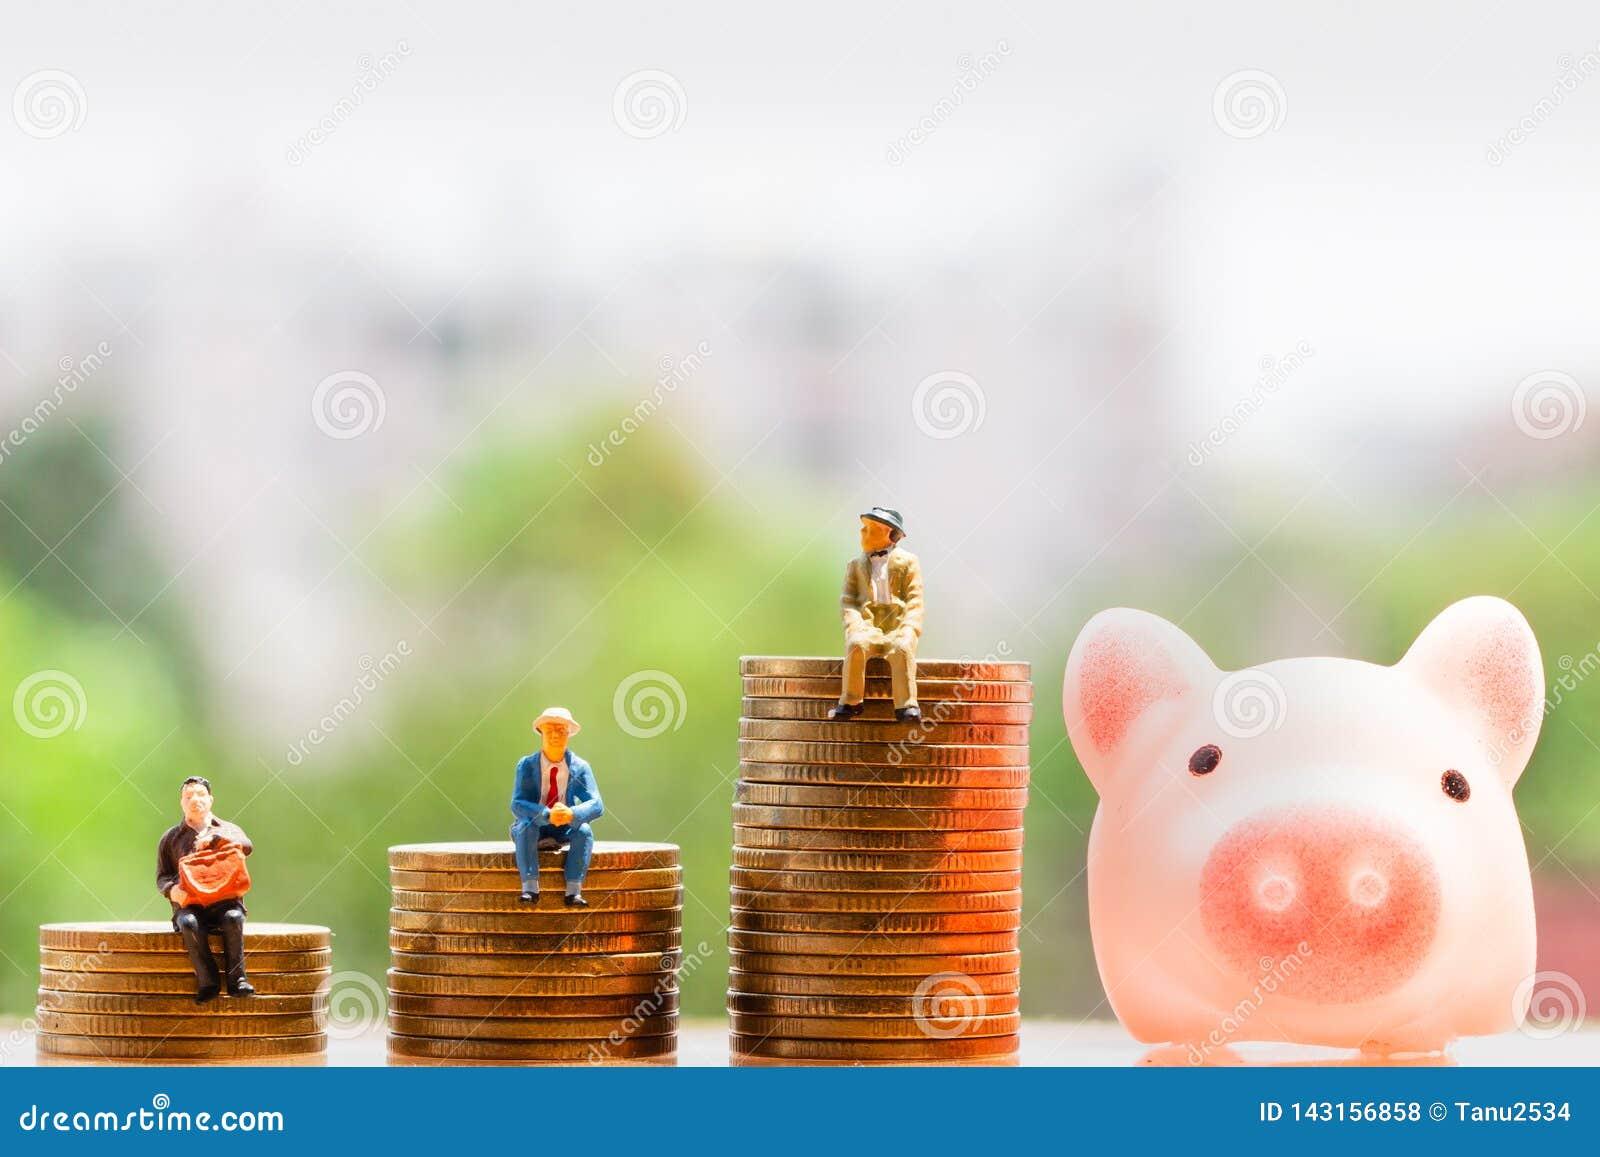 Moedas e pessoas adultas no fundo da natureza; economia do dinheiro